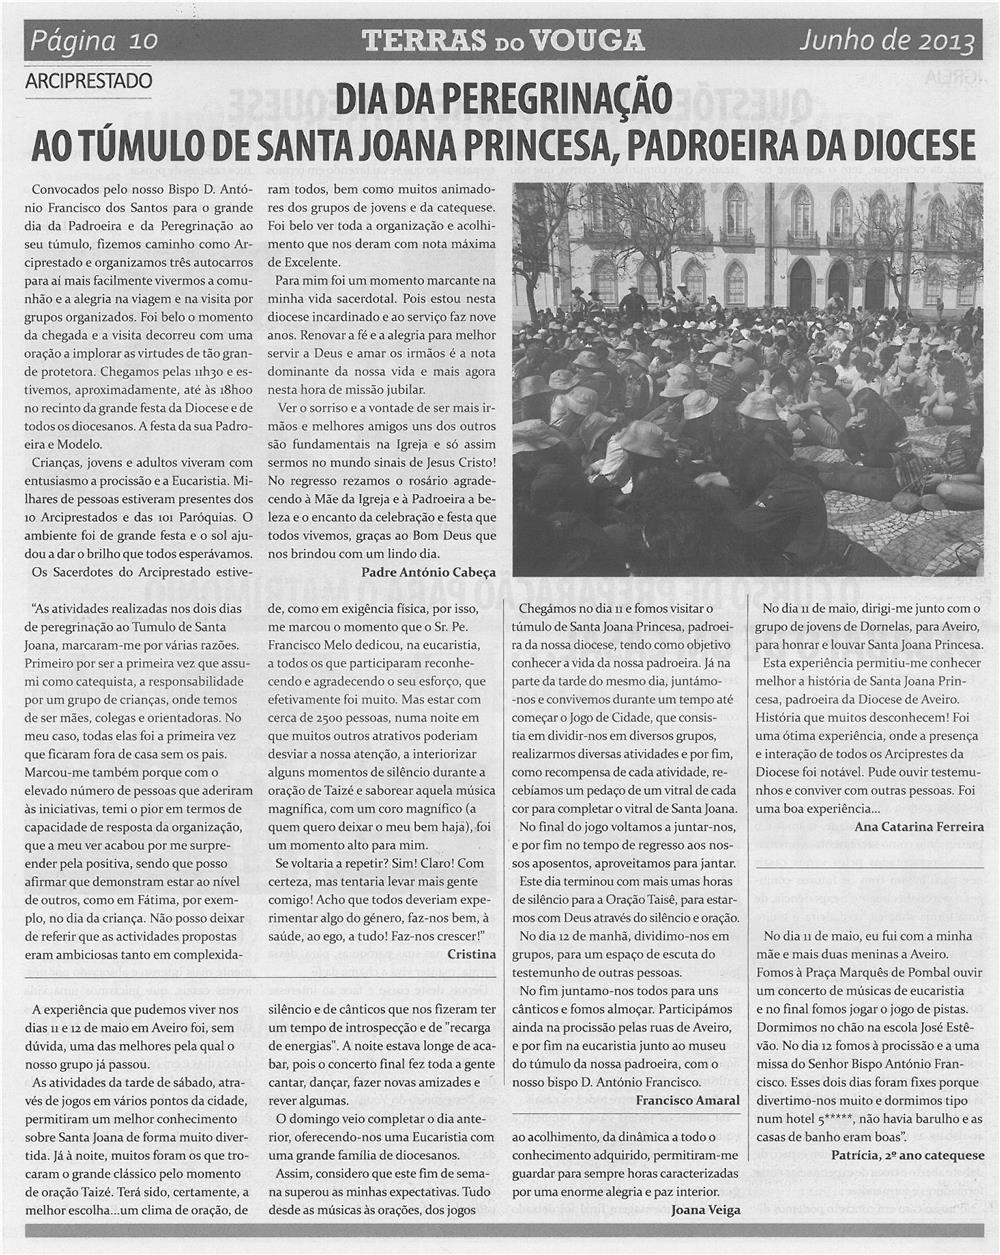 TV-jun13-p10-Dia da peregrinação ao túmulo de Santa Joana Princesa, Padroeira da Diocese